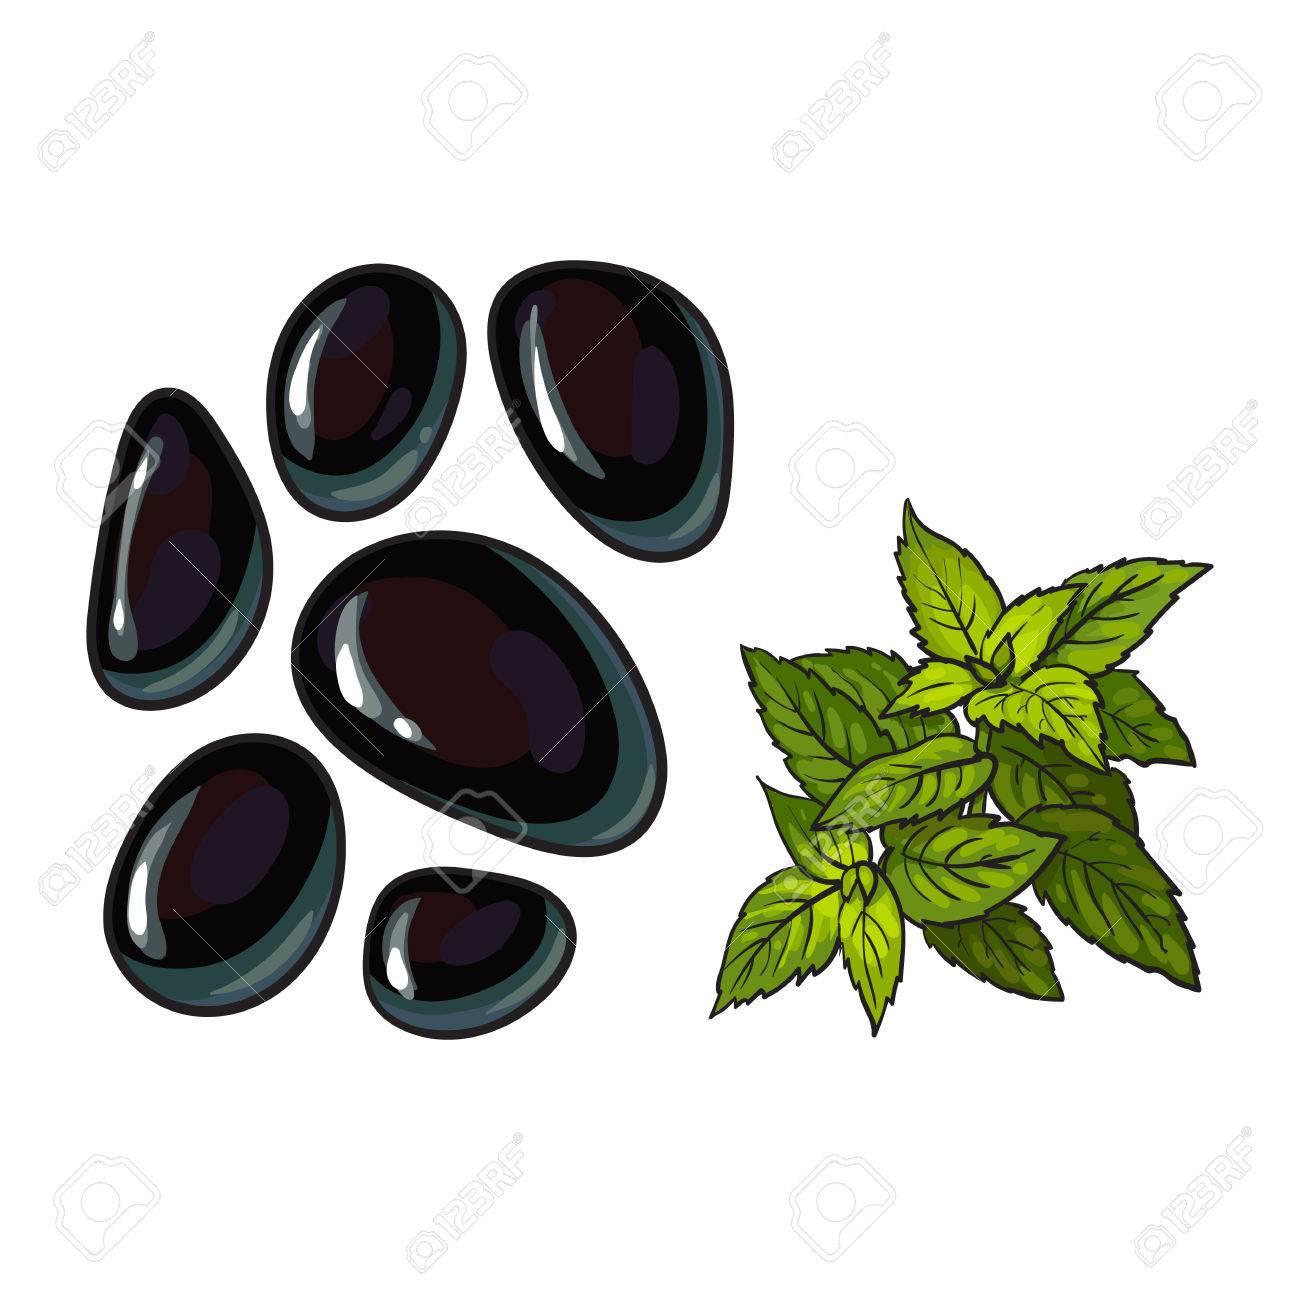 Decoration De Spa dedans pierres de massage au basalte noir et feuilles de menthe, éléments